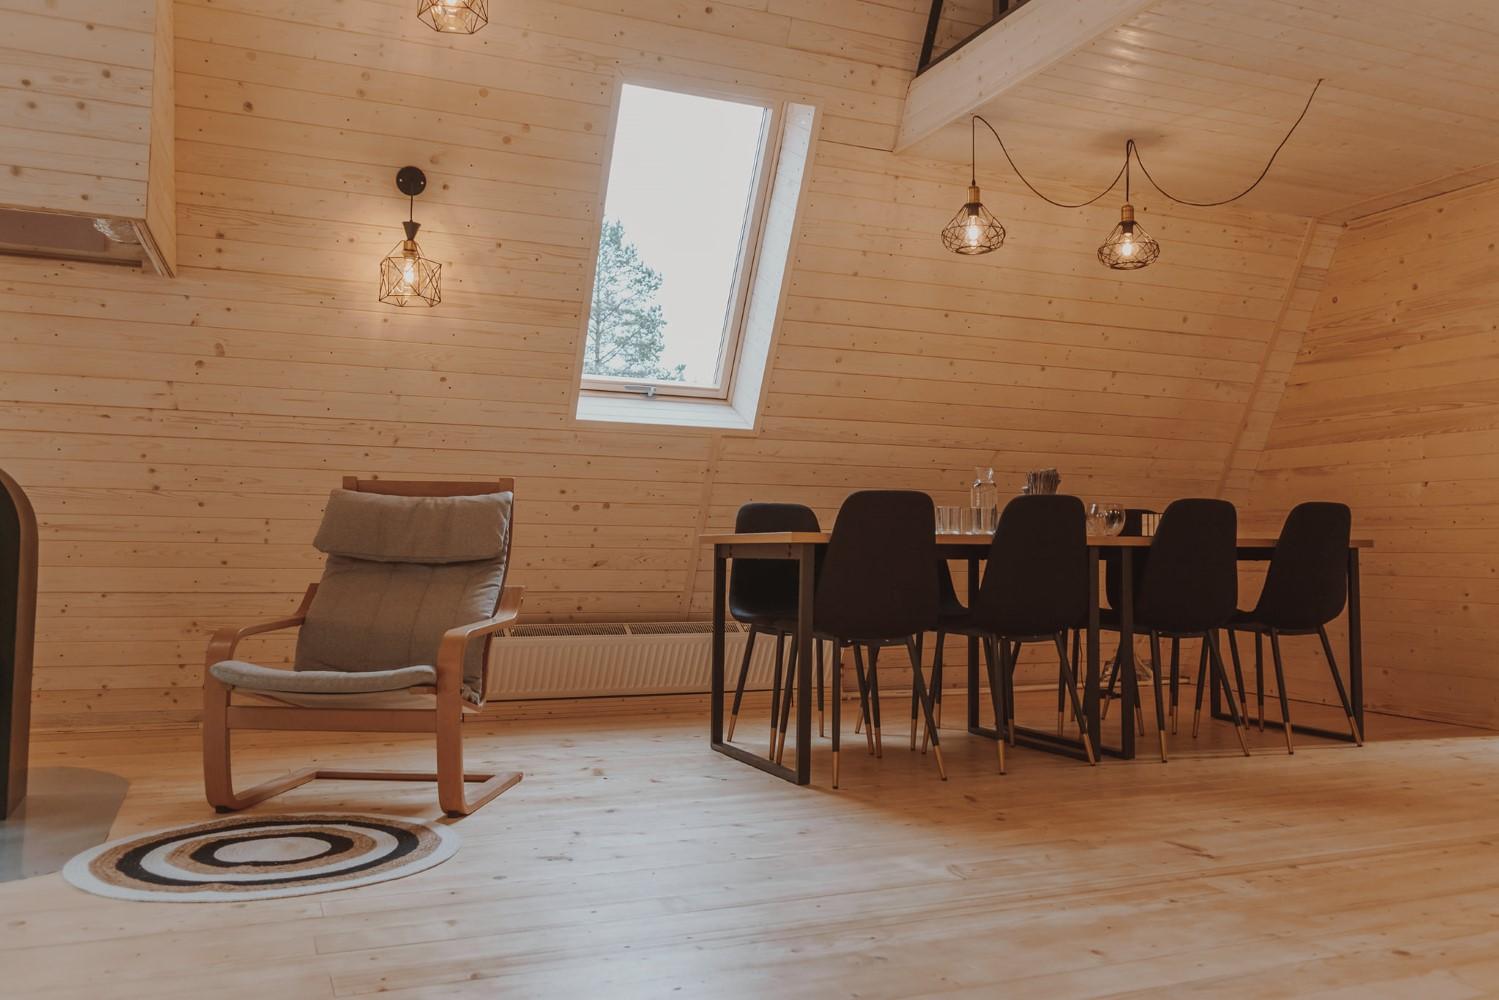 Toate piesele de mobilier au fost achiziționate de la JYSK și IKEA